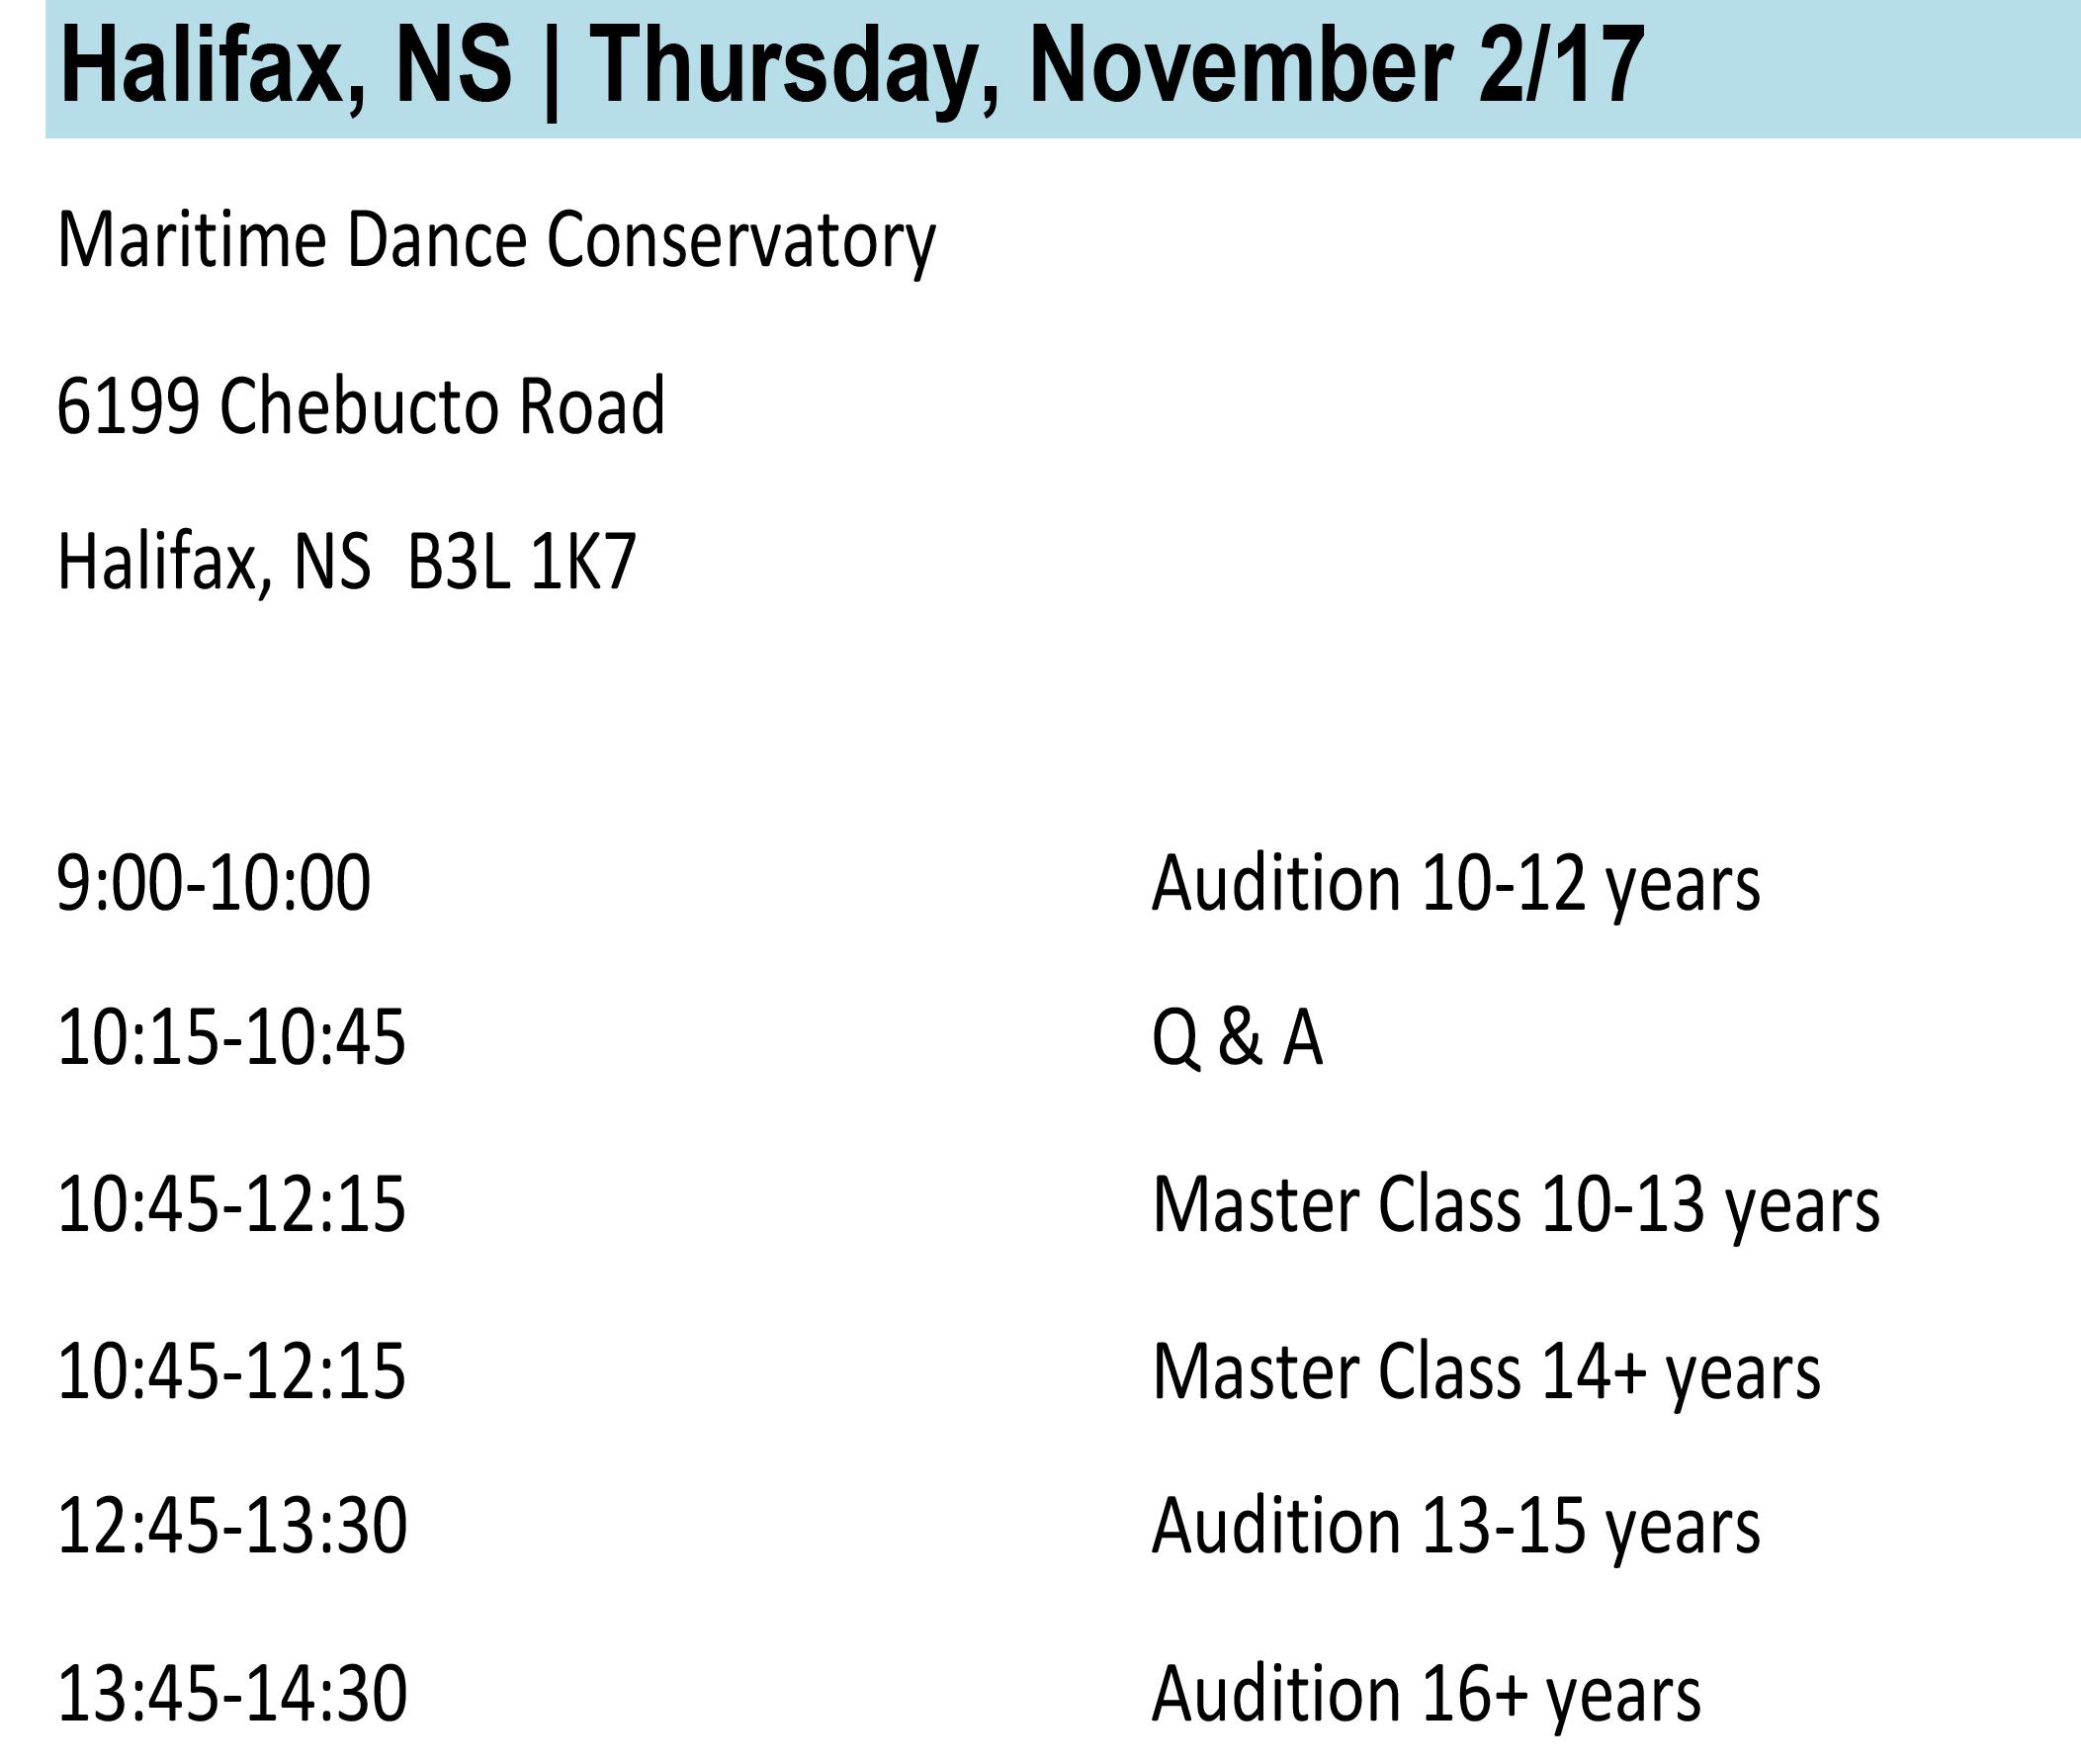 Halifax Info